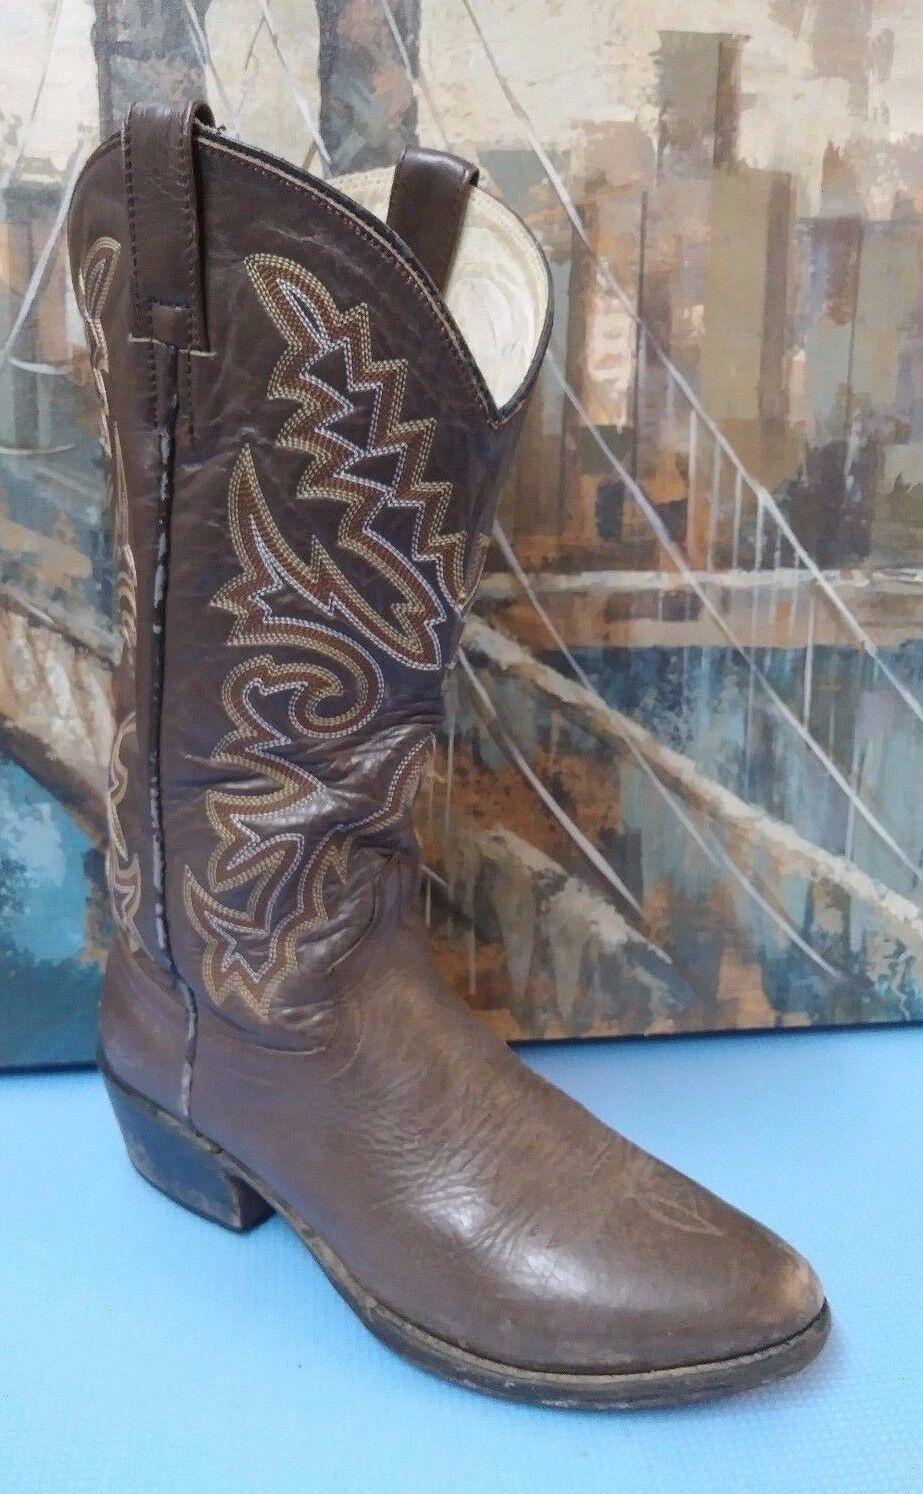 P S Ferrini Dark Braun Damenschuhe Cowboy Stiefel, Größe 8 D